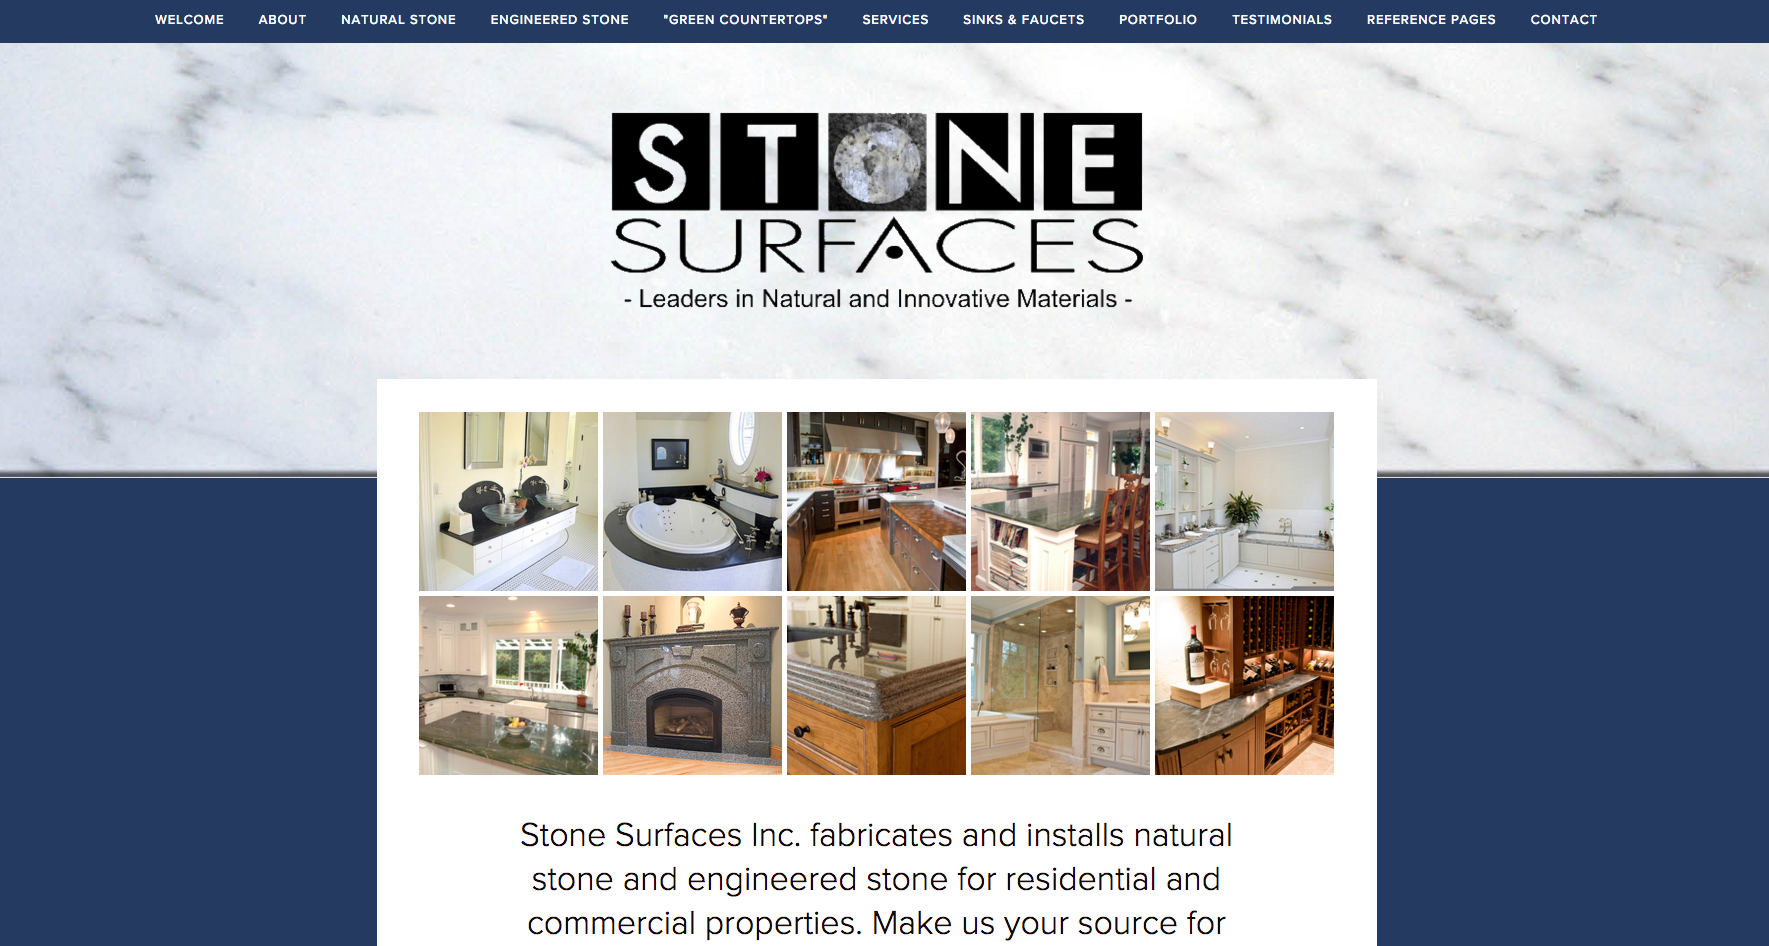 http://stonesurfacesinc.net/